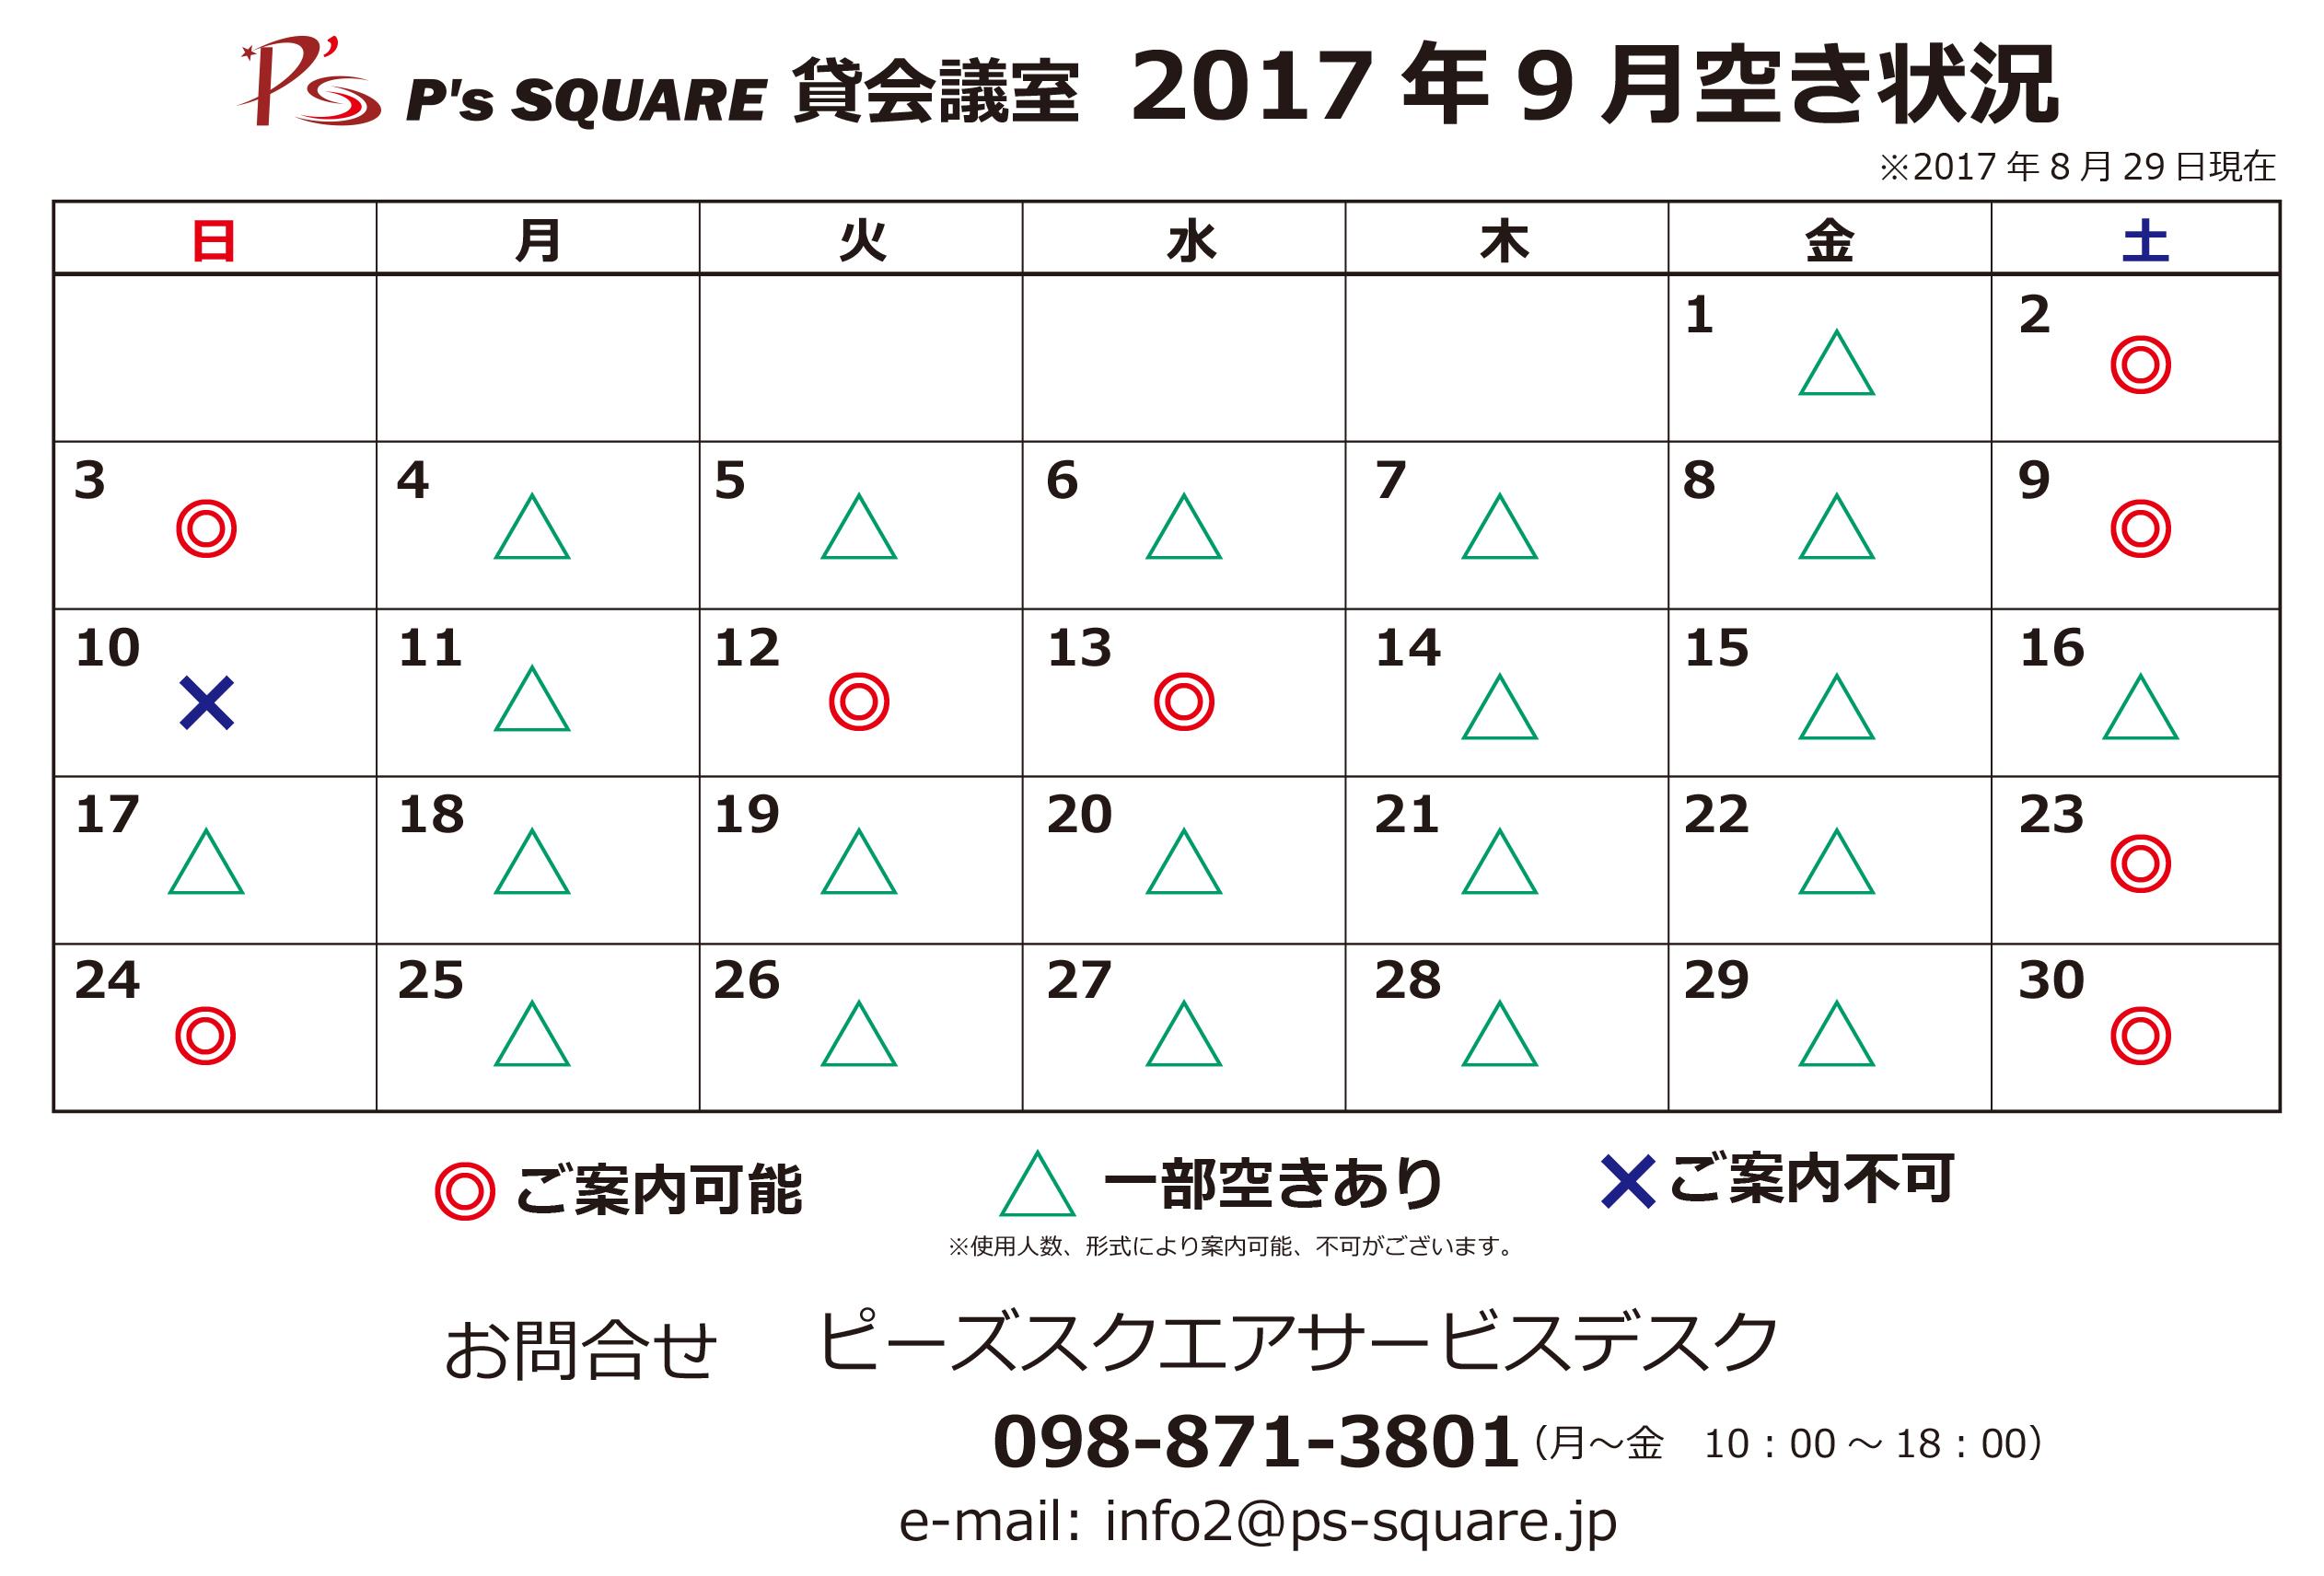 201709空状況